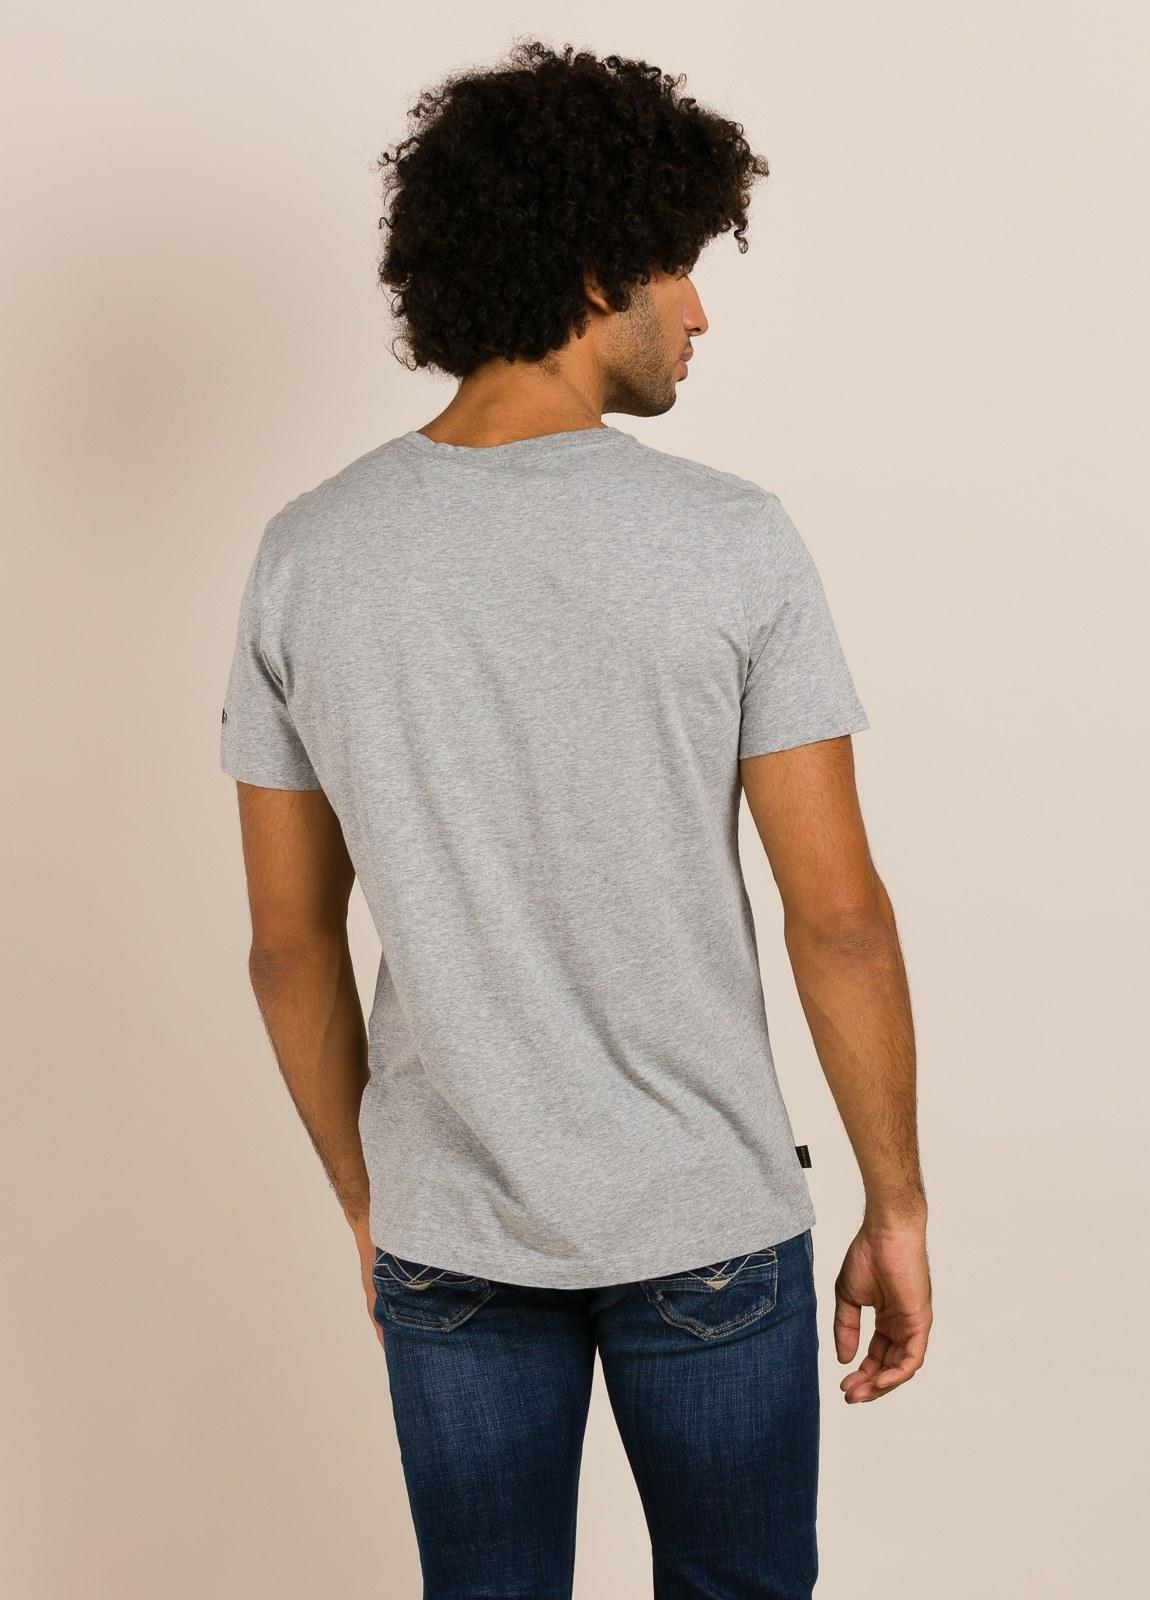 Camiseta NORTON gris con estampado gráfico - Ítem1